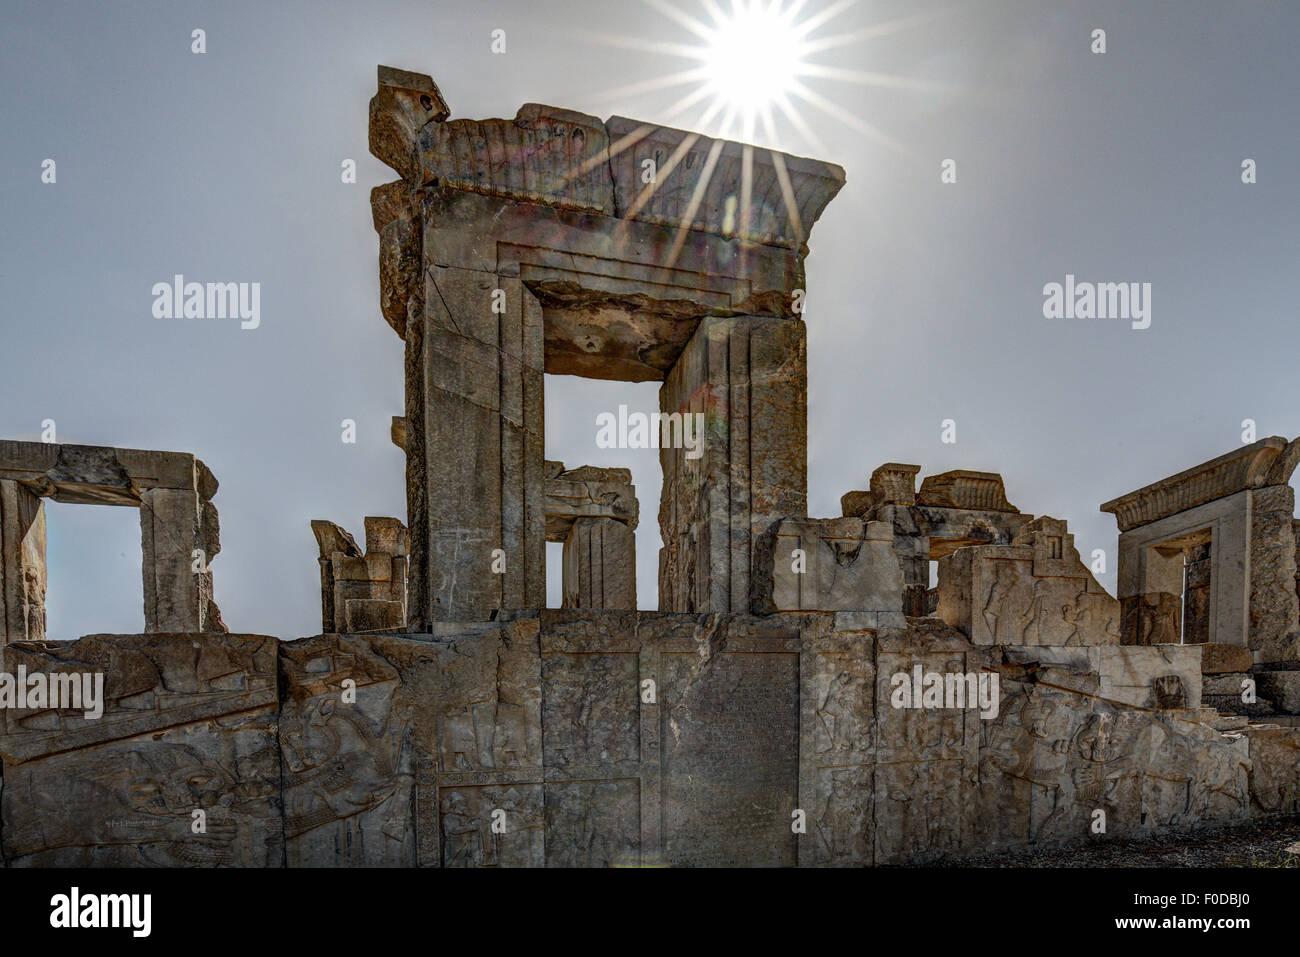 Ruins of Persepolis, Iran - Stock Image